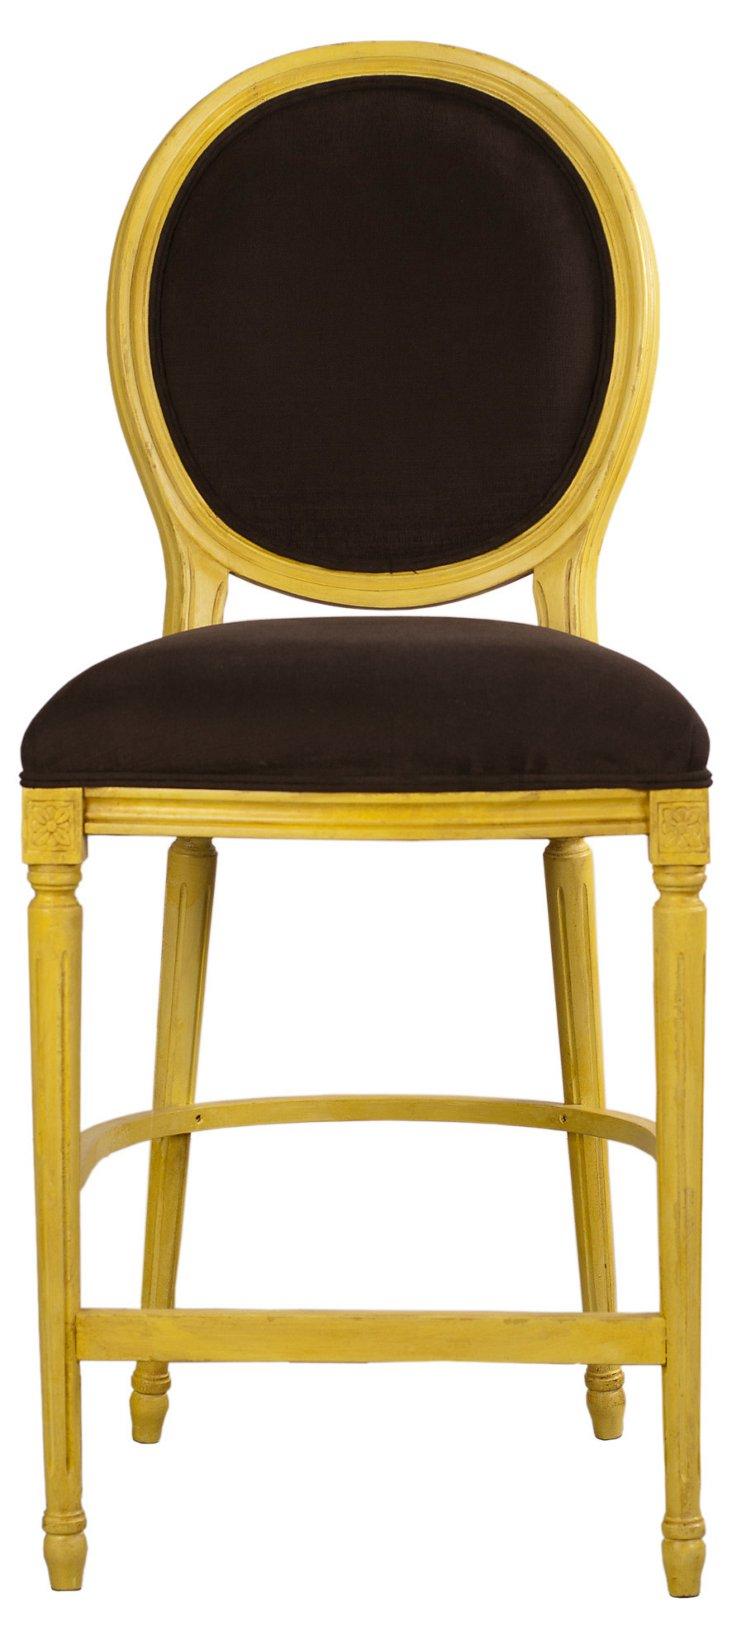 Louis XVI Counter Stool, Yellow